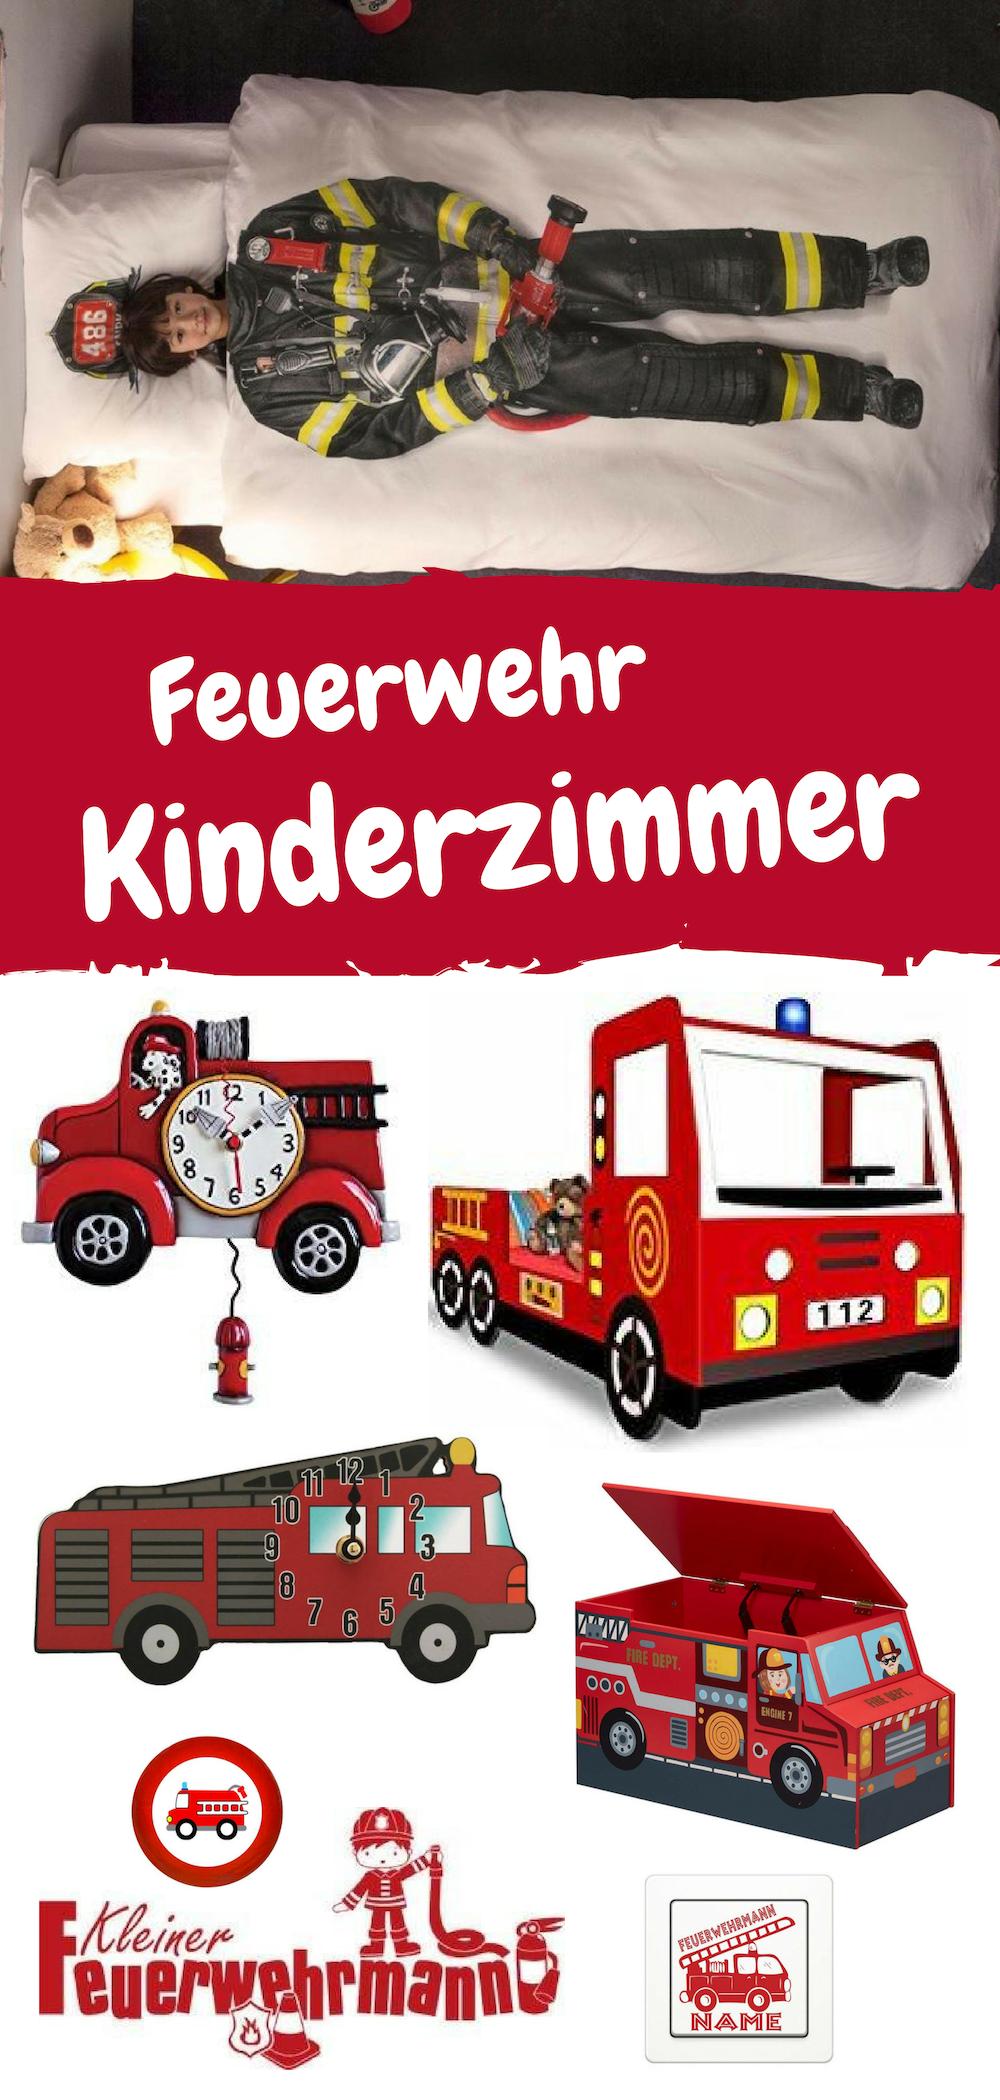 Inspiration Wie Man Das Spielzimmer Fur Einen Kleinen Feuerwehrmann Einrichten Konnte Feuerwehr Mobel Feuerwehrbett Fe Kinder Zimmer Kinderzimmer Feuerwehr